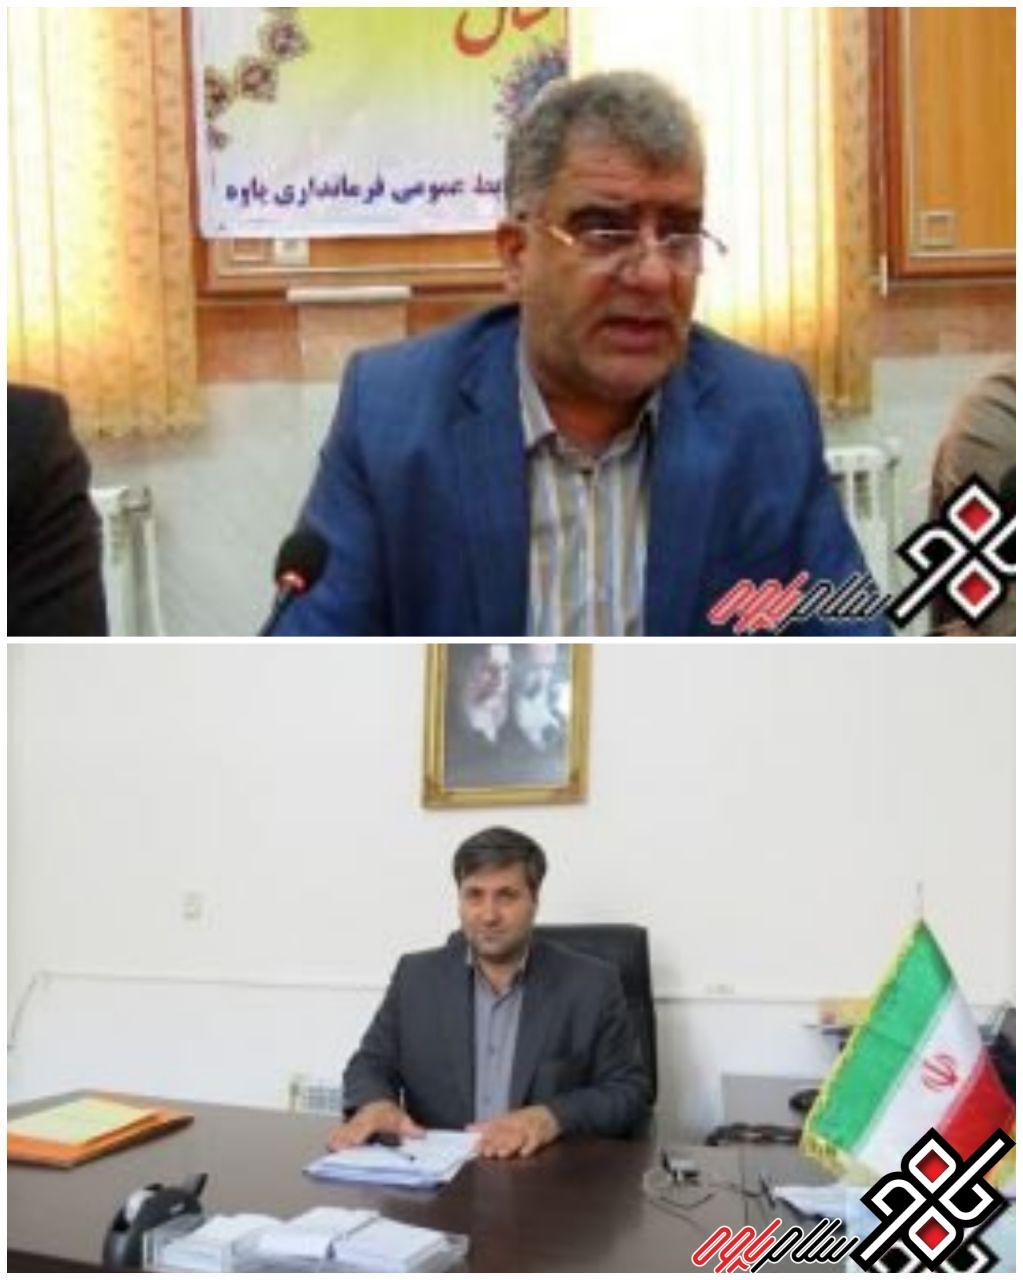 پیام تبریک فرماندار و شهردار پاوه به مناسبت روز ملی شوراها